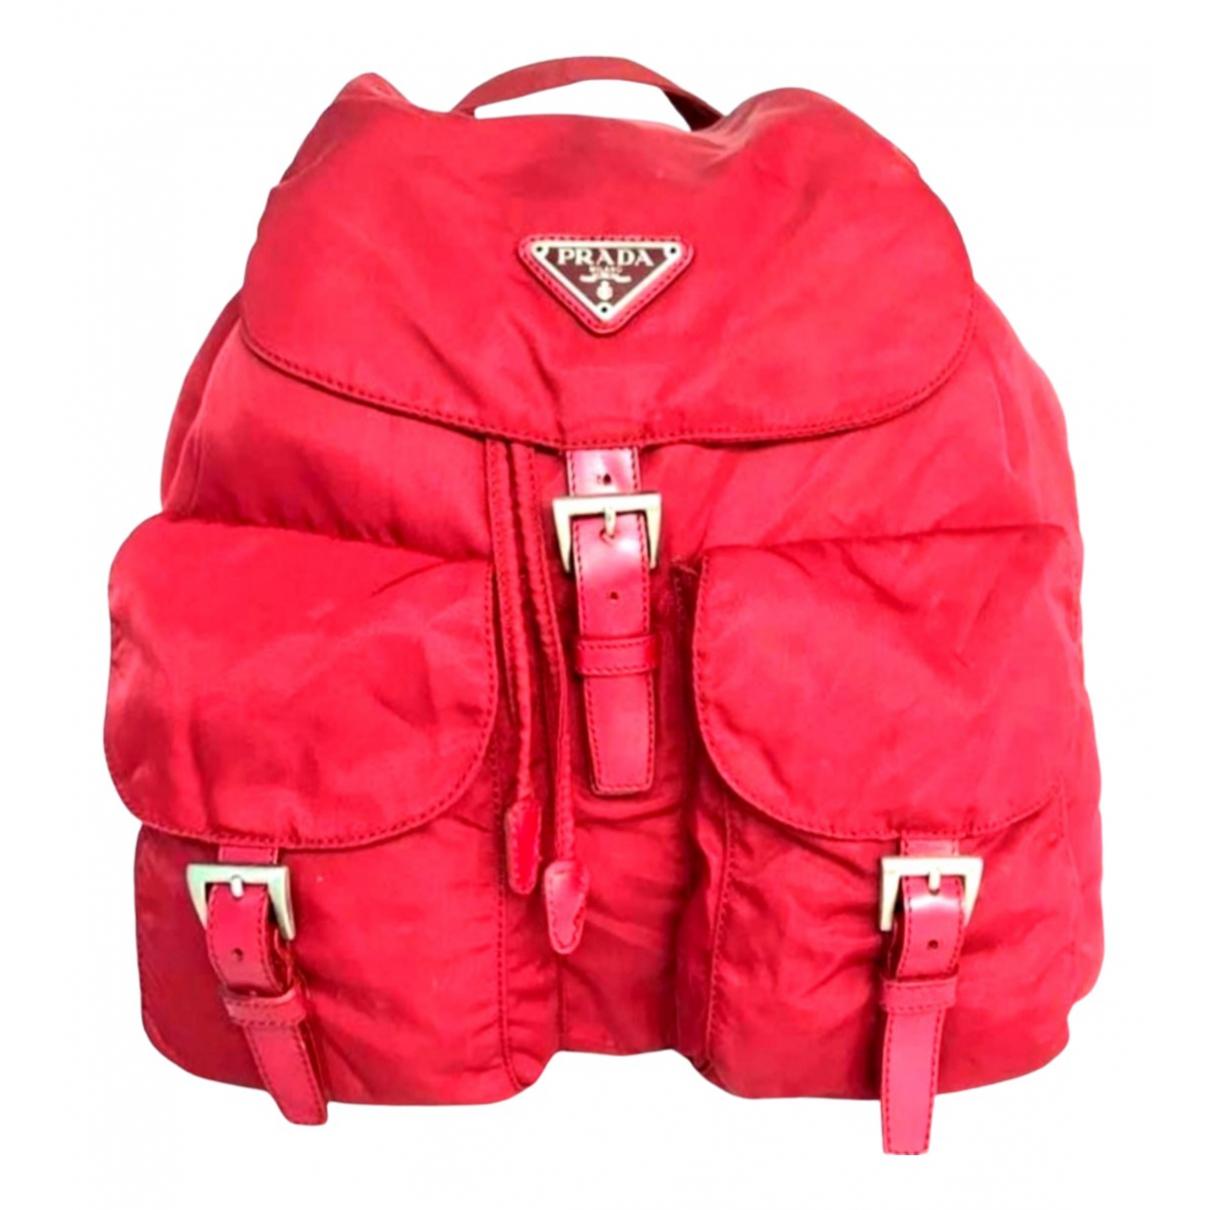 Prada \N Red Cloth backpack for Women \N